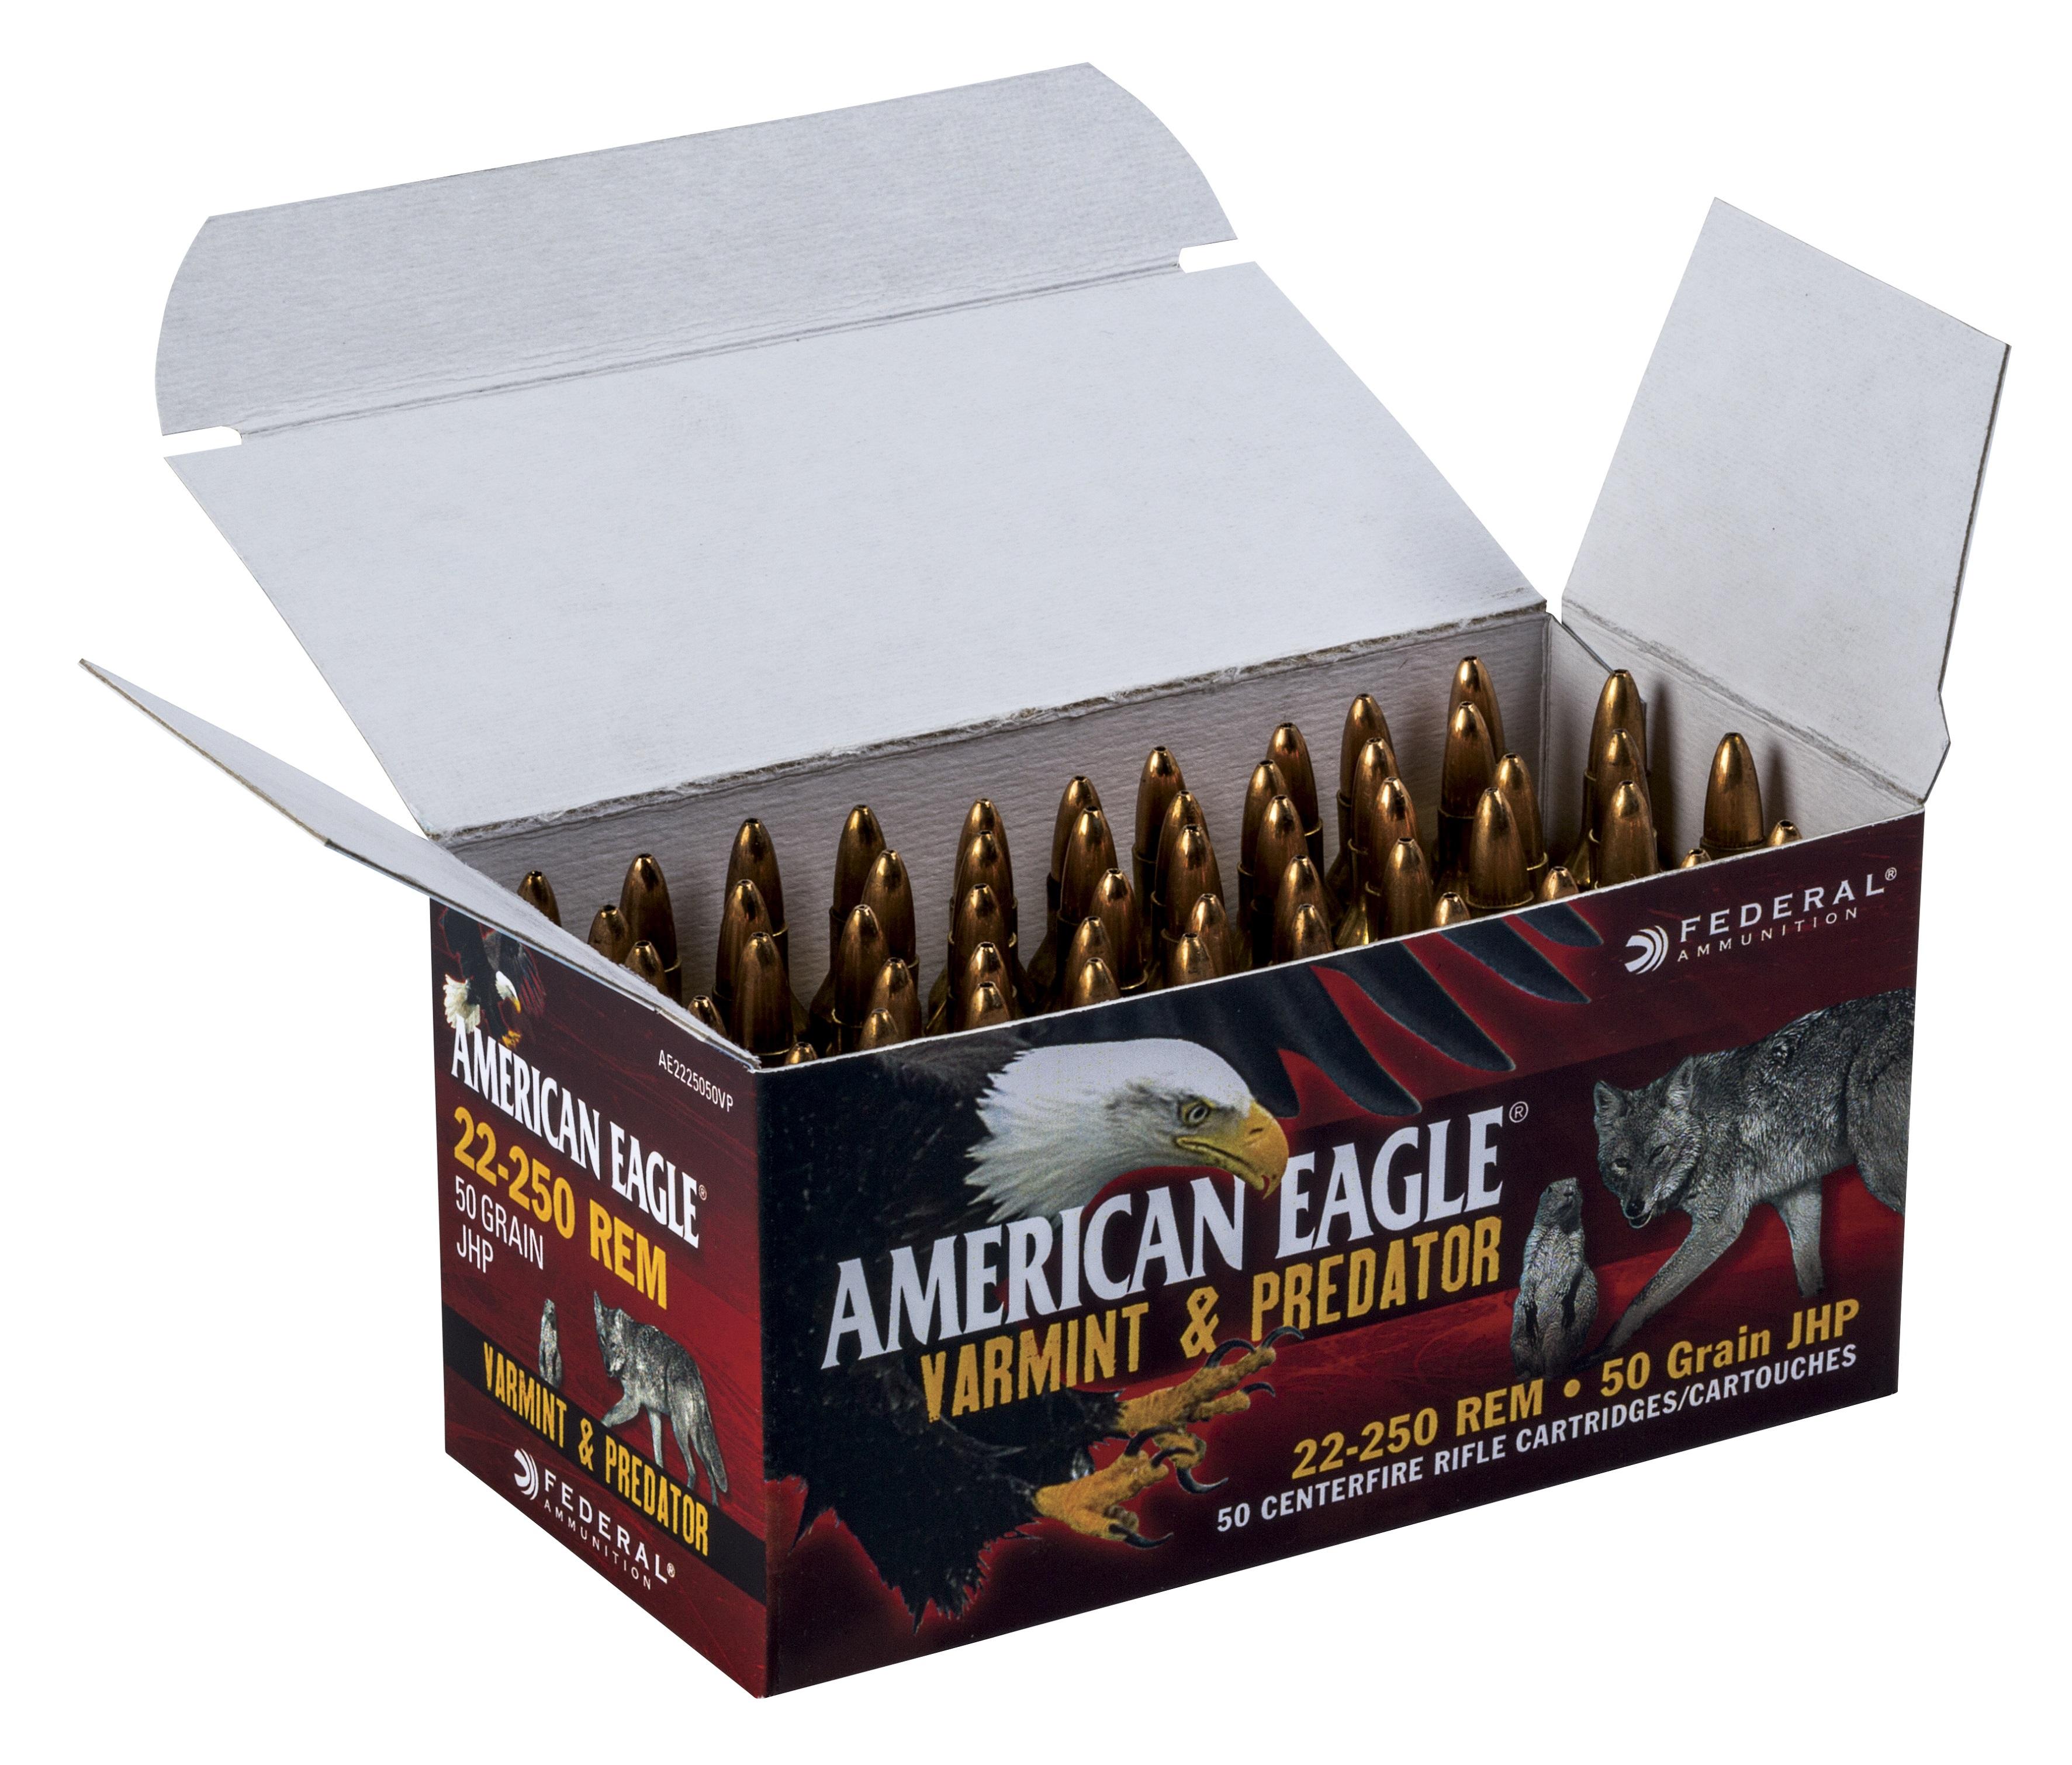 An open box of Vista Outdoor's Federal Premium ammunition